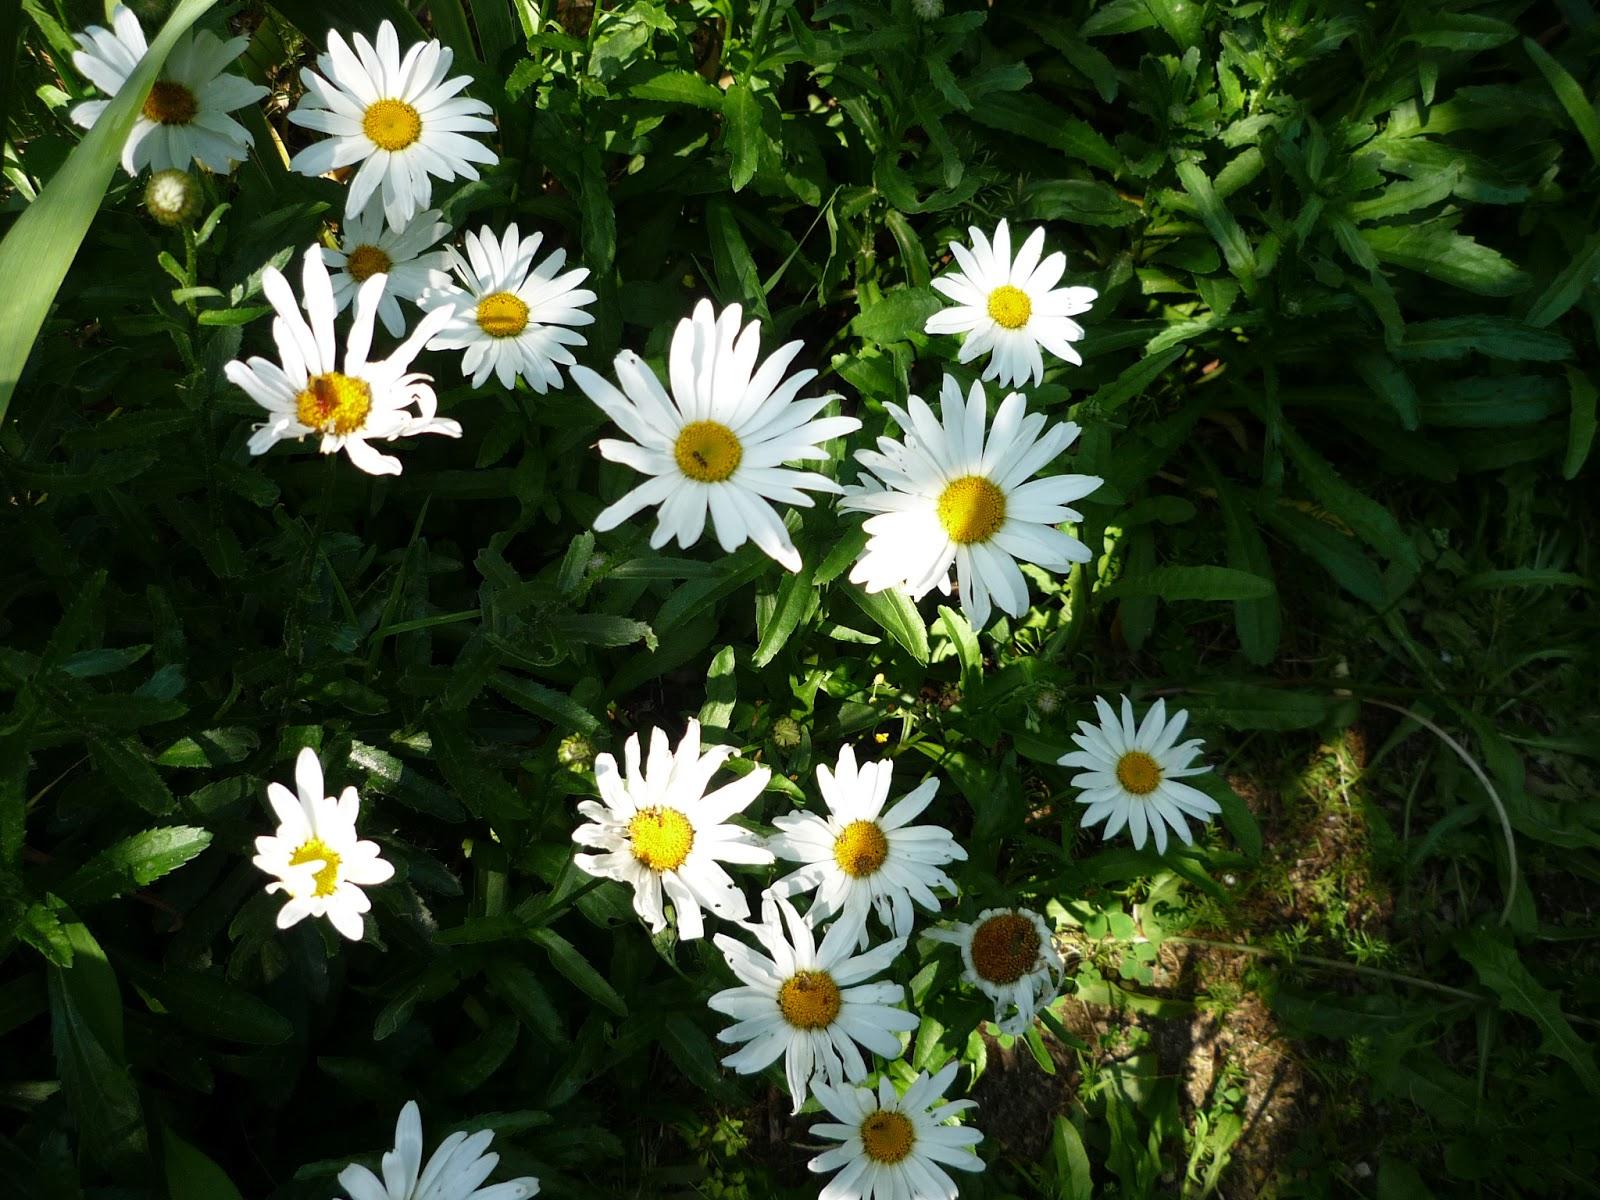 Tienda de plantas margarit n o margarita gigante - Plantas de exterior con flor ...